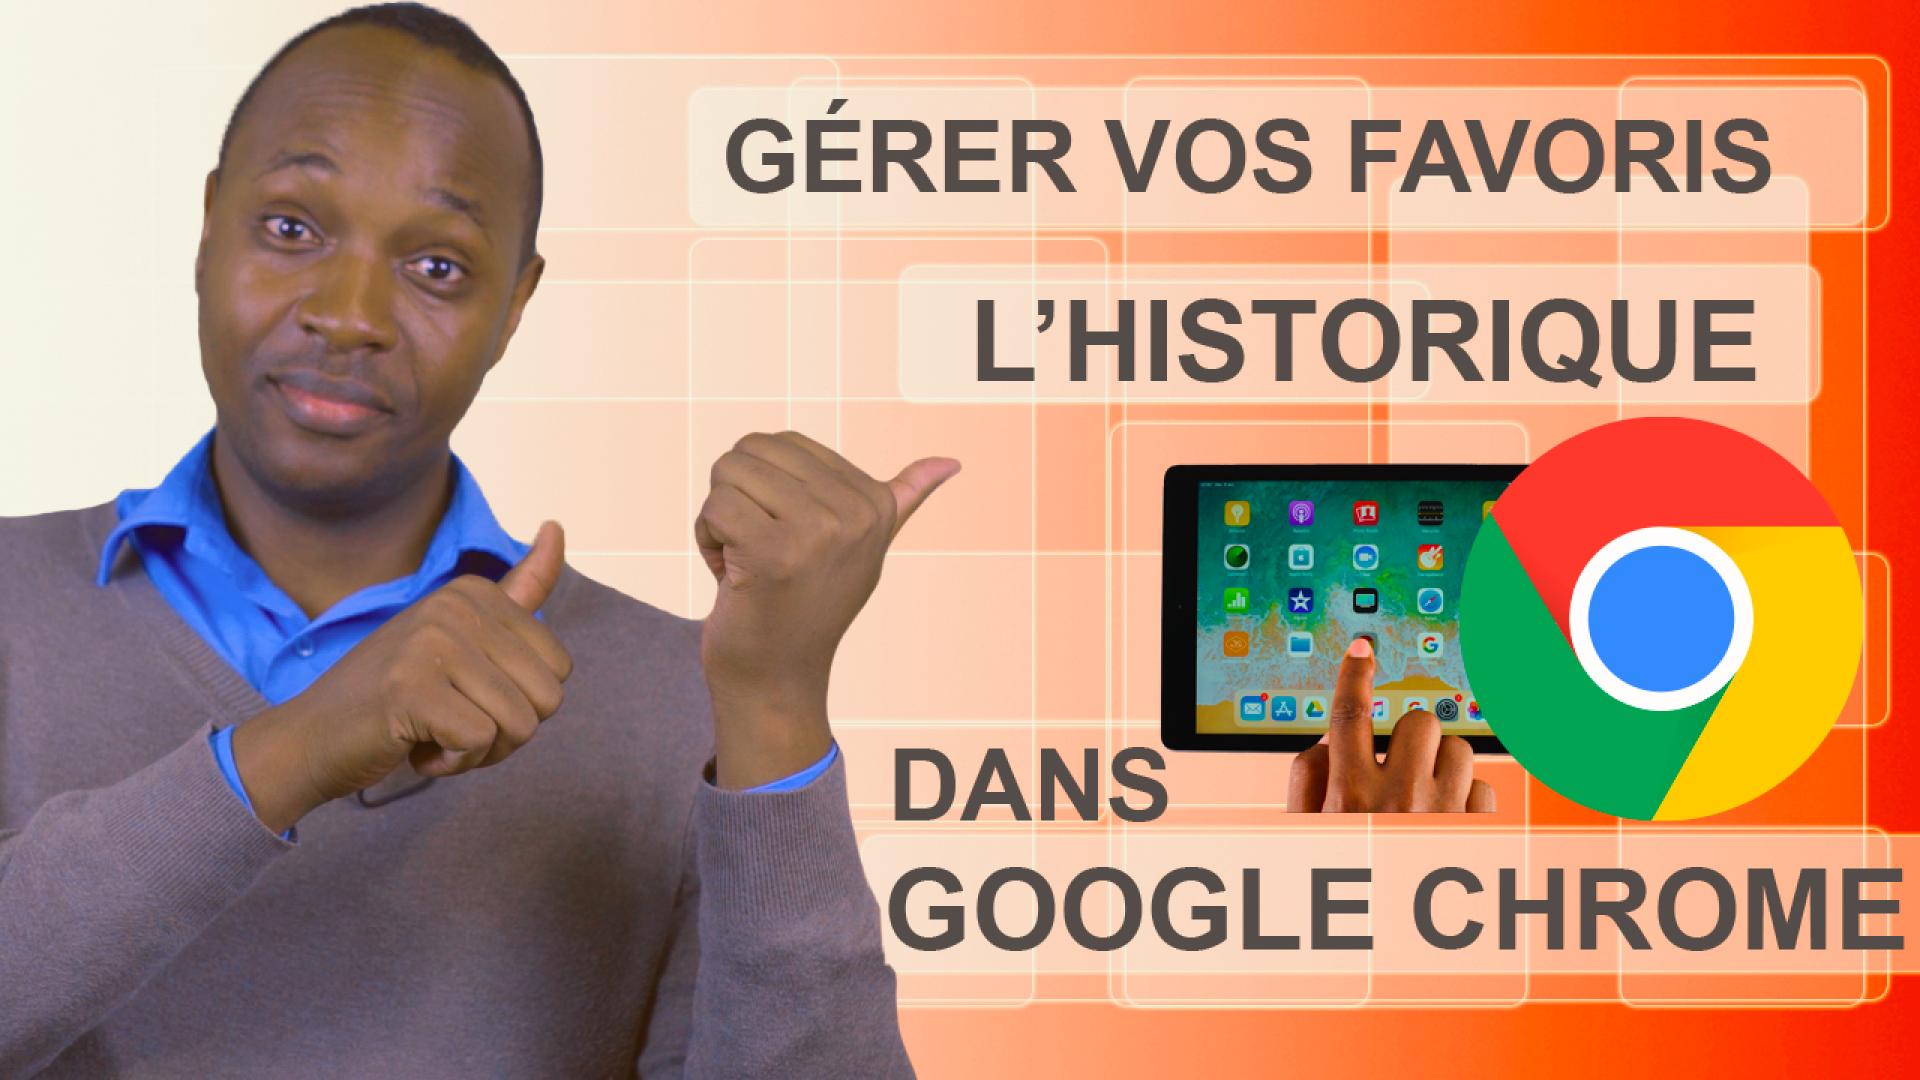 Gérer vos favoris et l'historique dans Google chrome